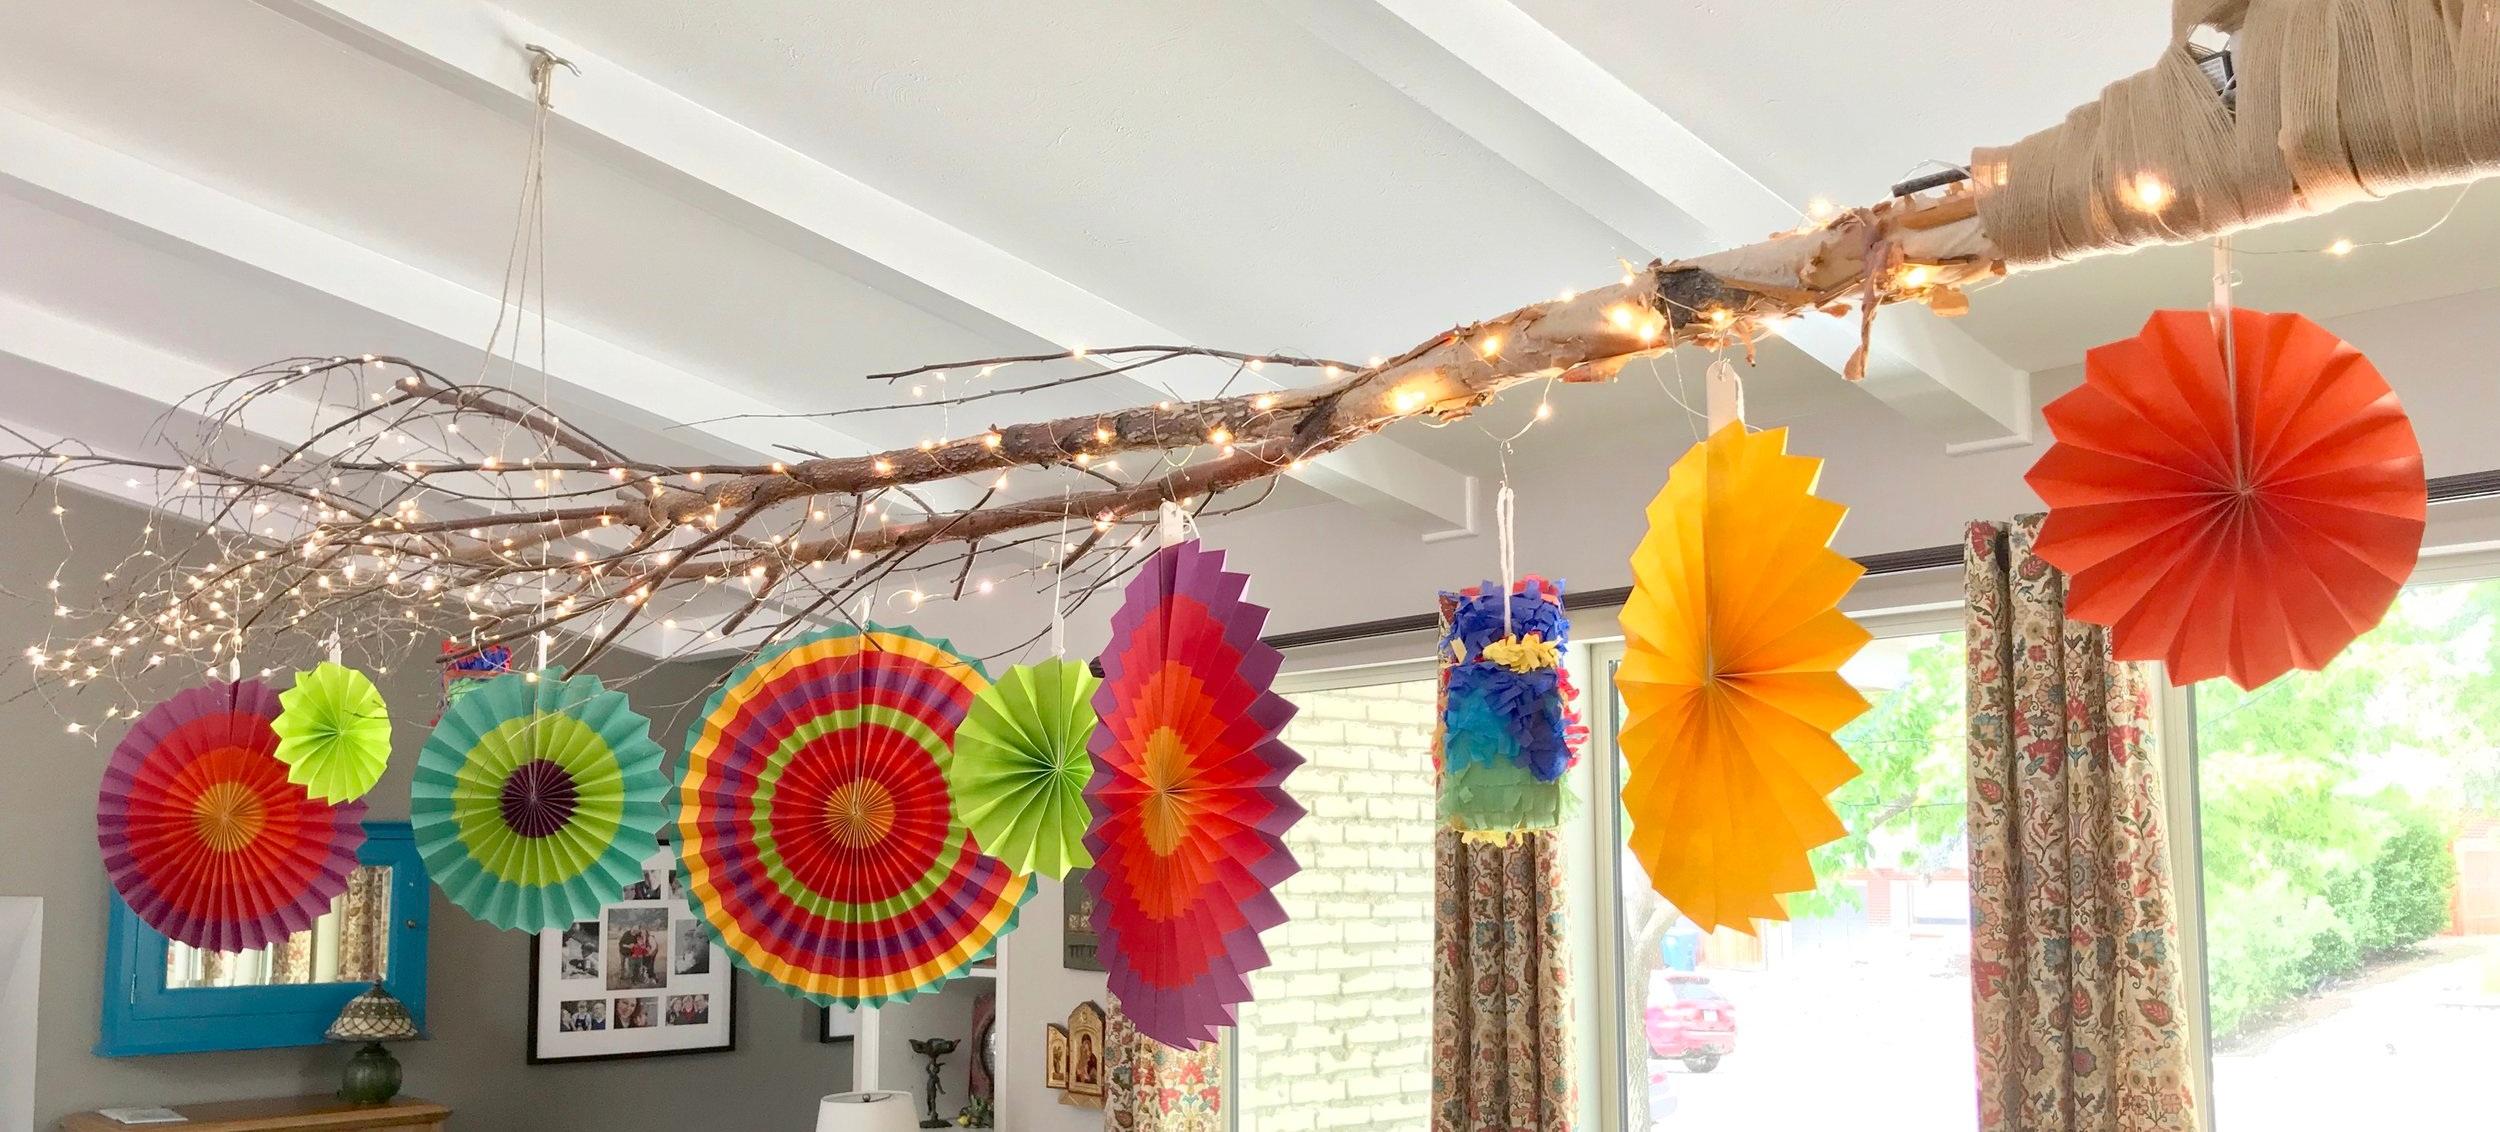 branch+chandelier.jpg